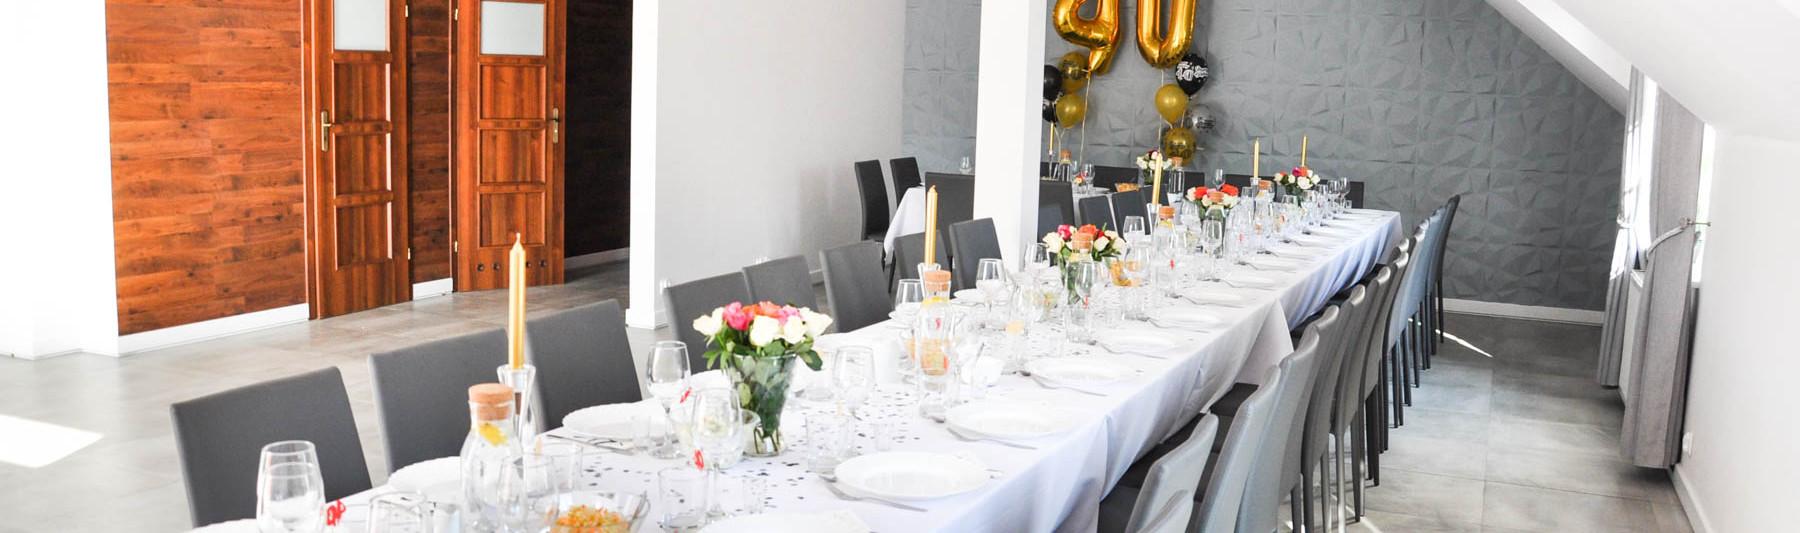 sala bankietowa łapalice Kartuzy sala na chrzciny komunię urodziny przyjęcie do 40 osób